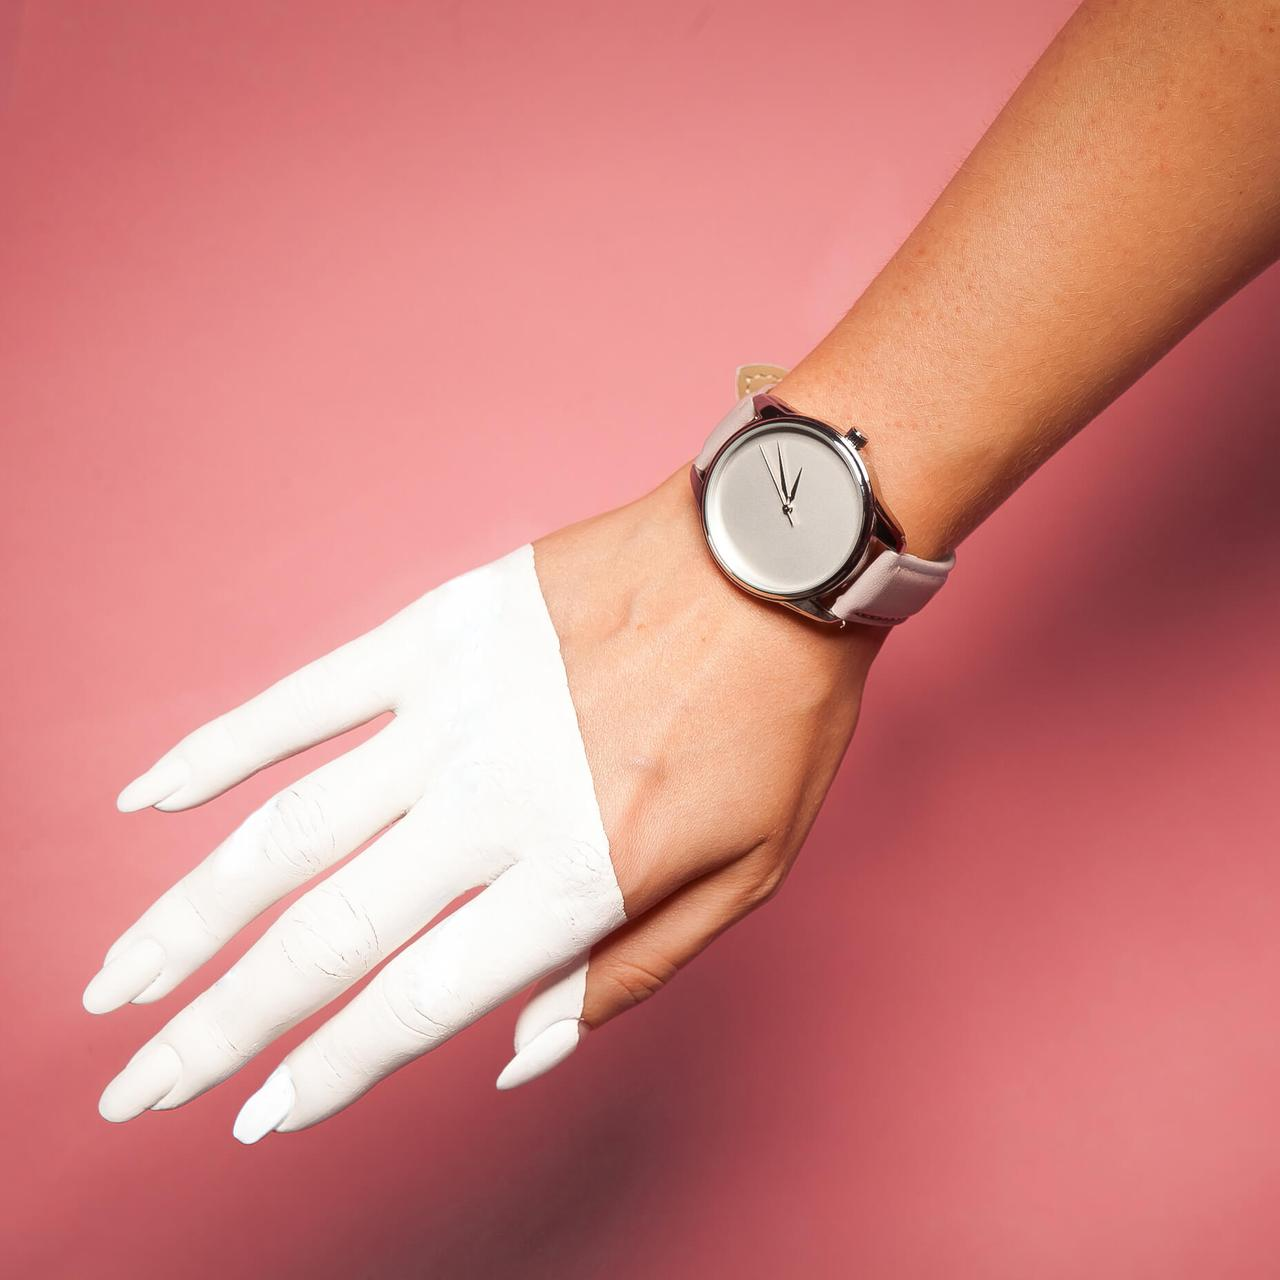 Часы ZIZ Минимализм (ремешок светло - лавандовый, серебро) + дополнительный ремешок